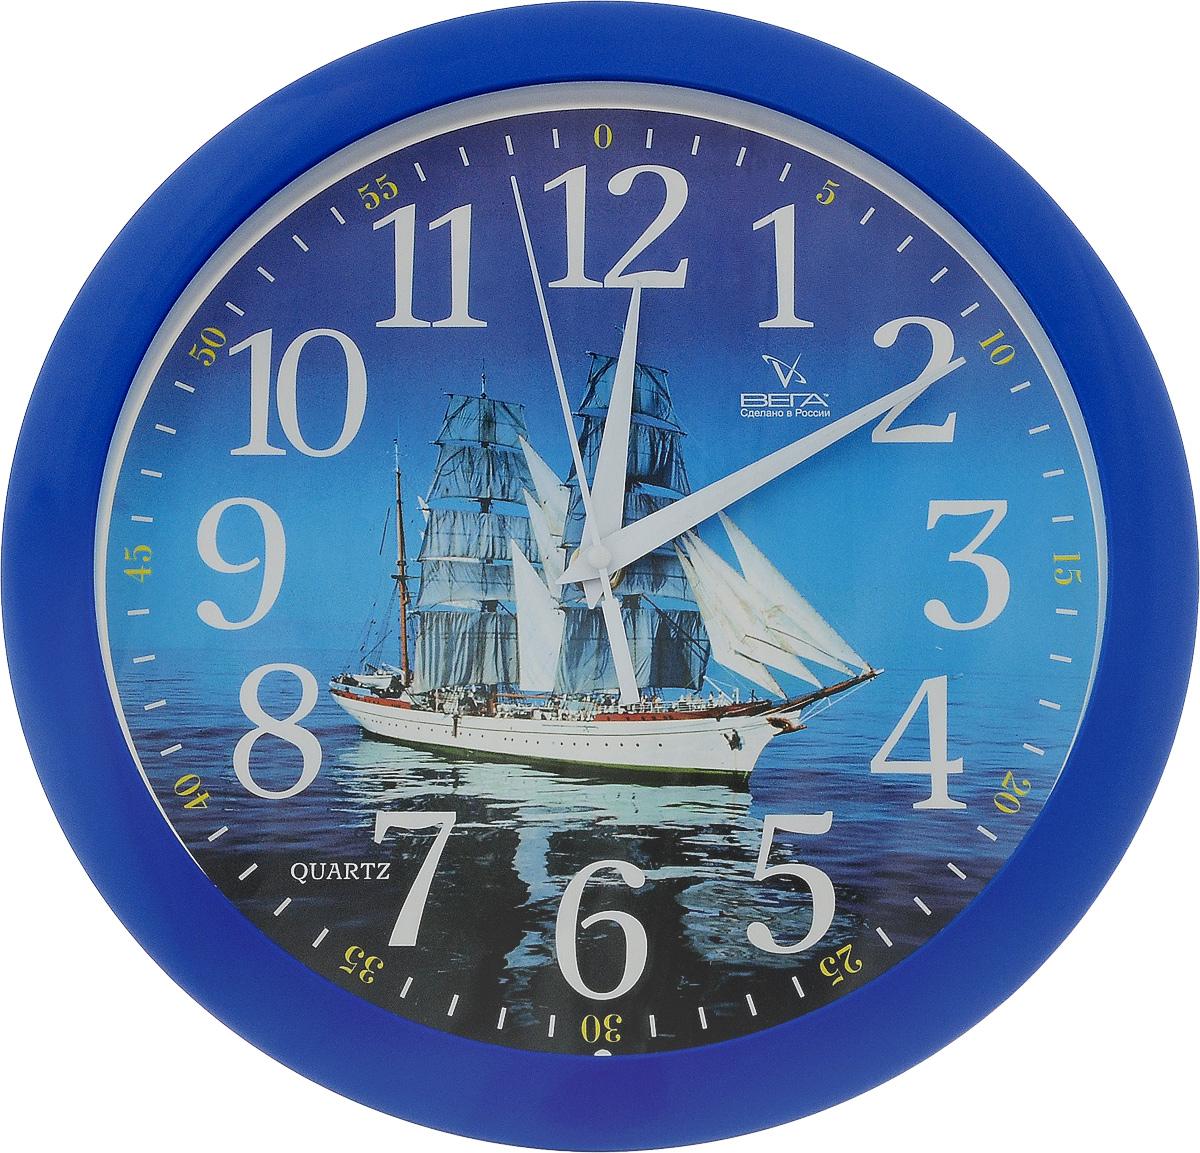 Часы настенные Вега Корабль, диаметр 28,5 смП1-10/7-39Настенные кварцевые часы Вега Корабль, изготовленные из пластика, прекрасно впишутся в интерьер вашего дома. Циферблат, оформленных изображением корабля, имеет отметки, арабские цифры и три стрелки - часовую, минутную и секундную. Защищен циферблат прозрачным пластиком. Часы работают от 1 батарейки типа АА с напряжением 1,5 В (не входит в комплект). Диаметр часов: 28,5 см.